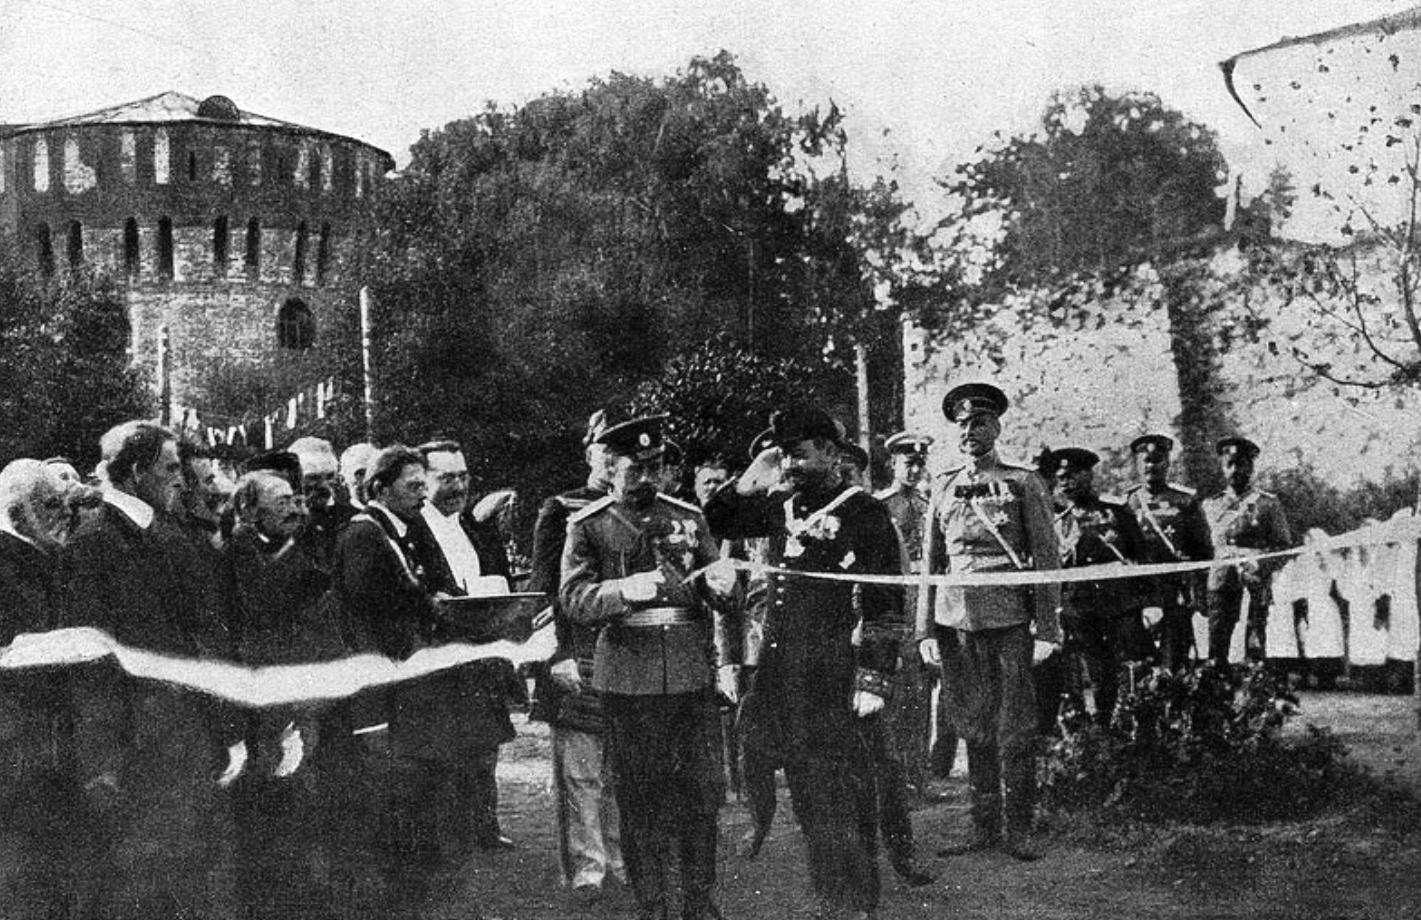 1912. Открытие Государем Императором Николаем II Бульвара 1812 года в Смоленске. 31 августа